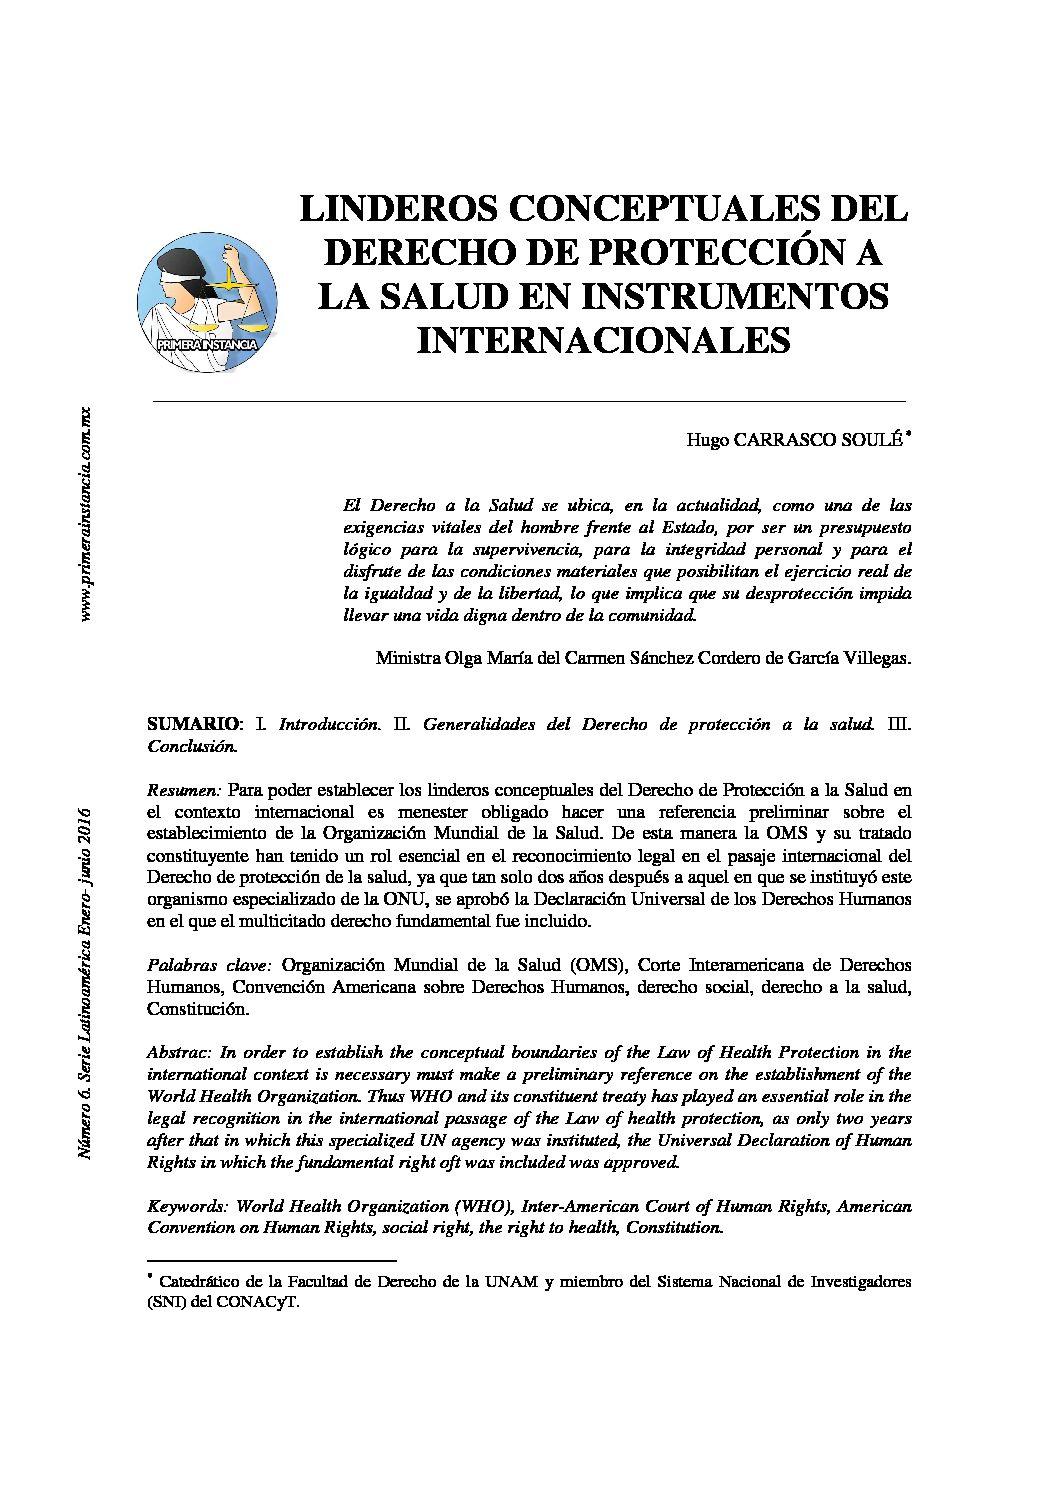 LINDEROS CONCEPTUALES DEL DERECHO DE PROTECCIÓN A LA SALUD EN INSTRUMENTOS INTERNACIONALES. Hugo Carrasco Soulé